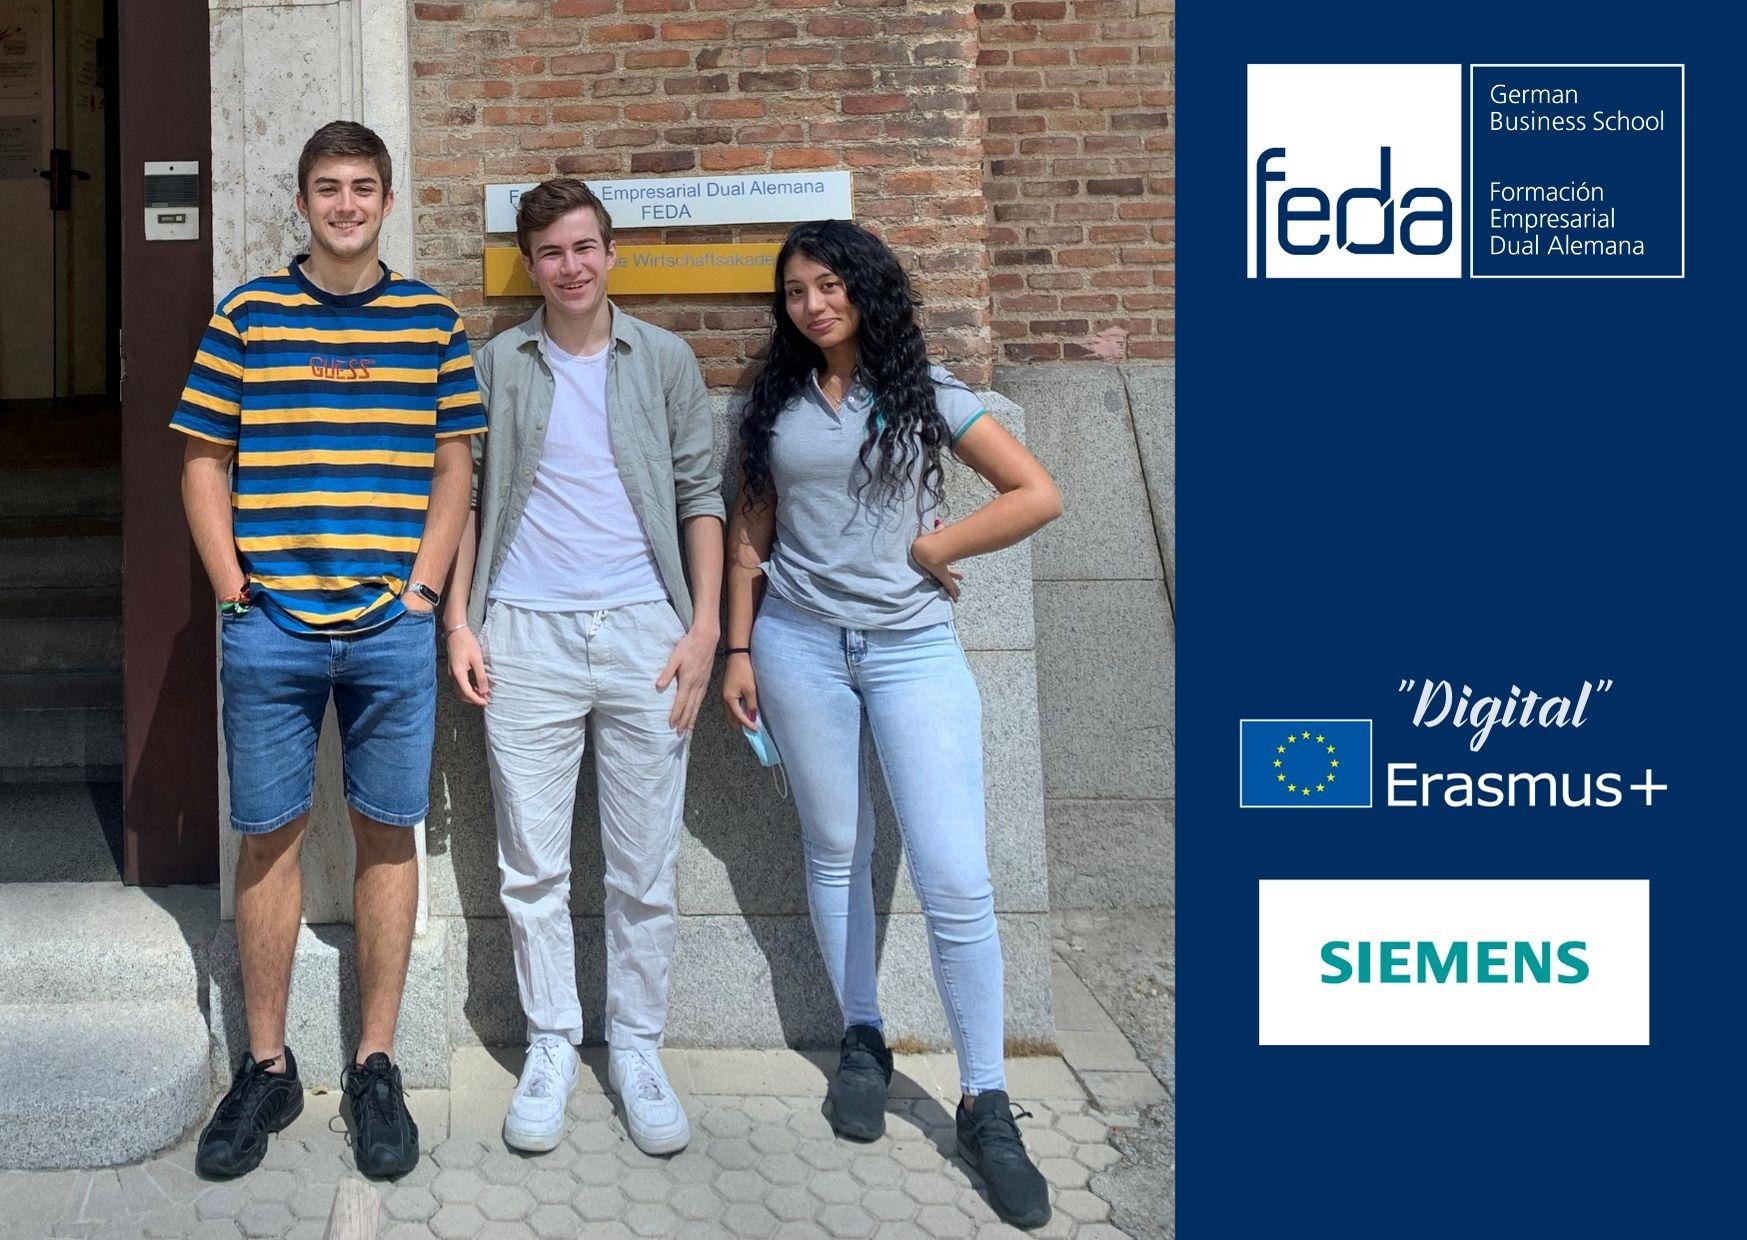 Digitales Erasmus+ mit Siemens in Zeiten der Pandemie